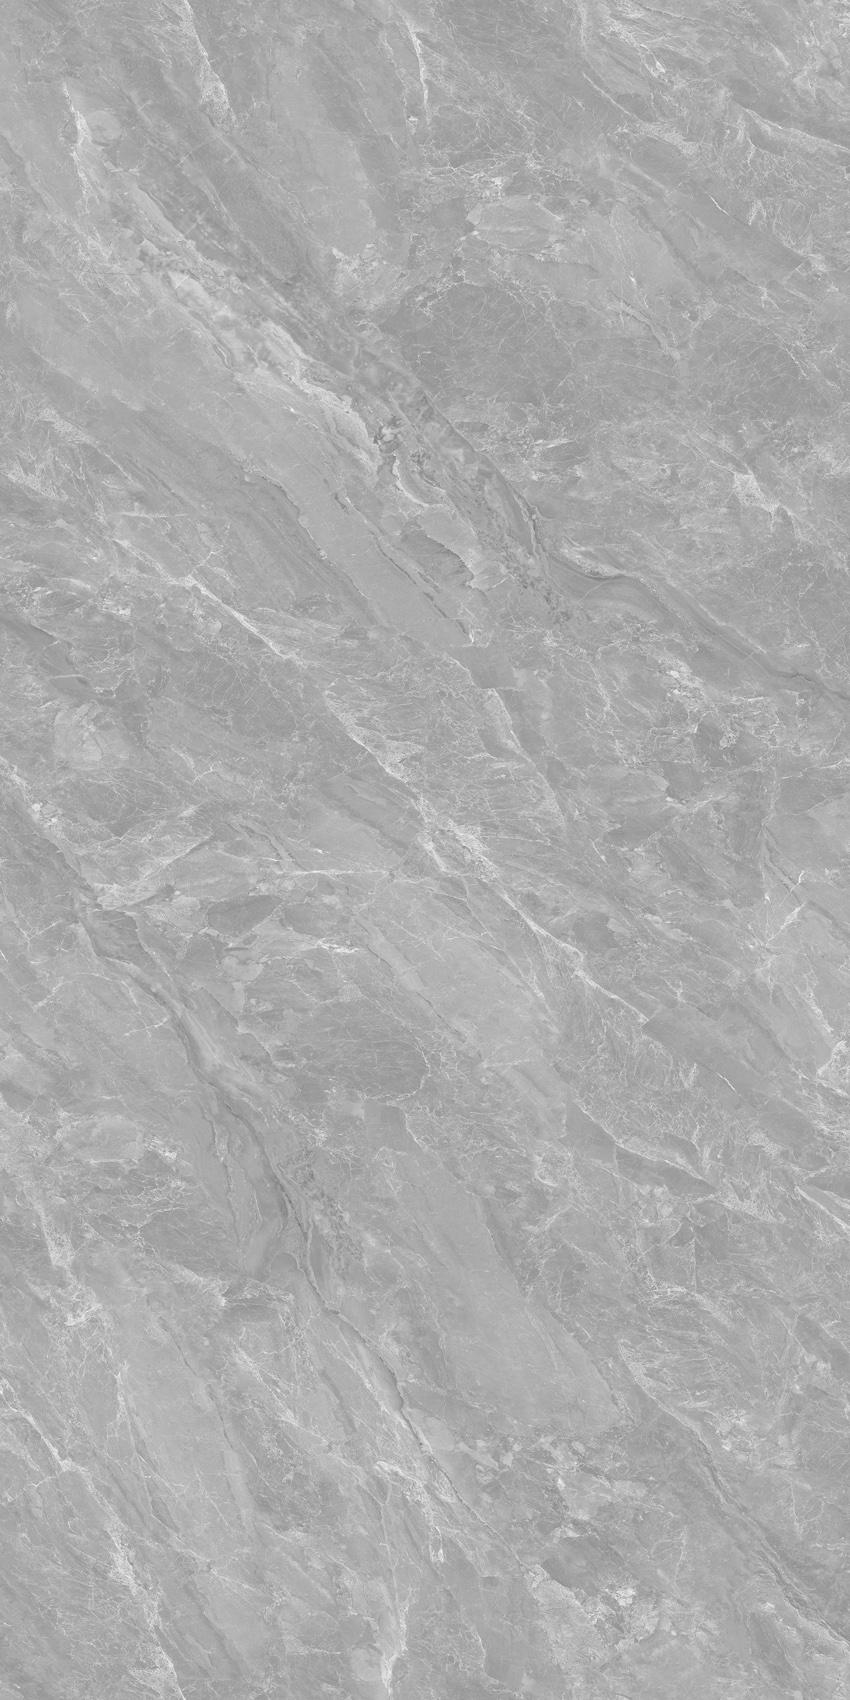 宏宇陶瓷-9-HPG2412A045奥尔兰灰